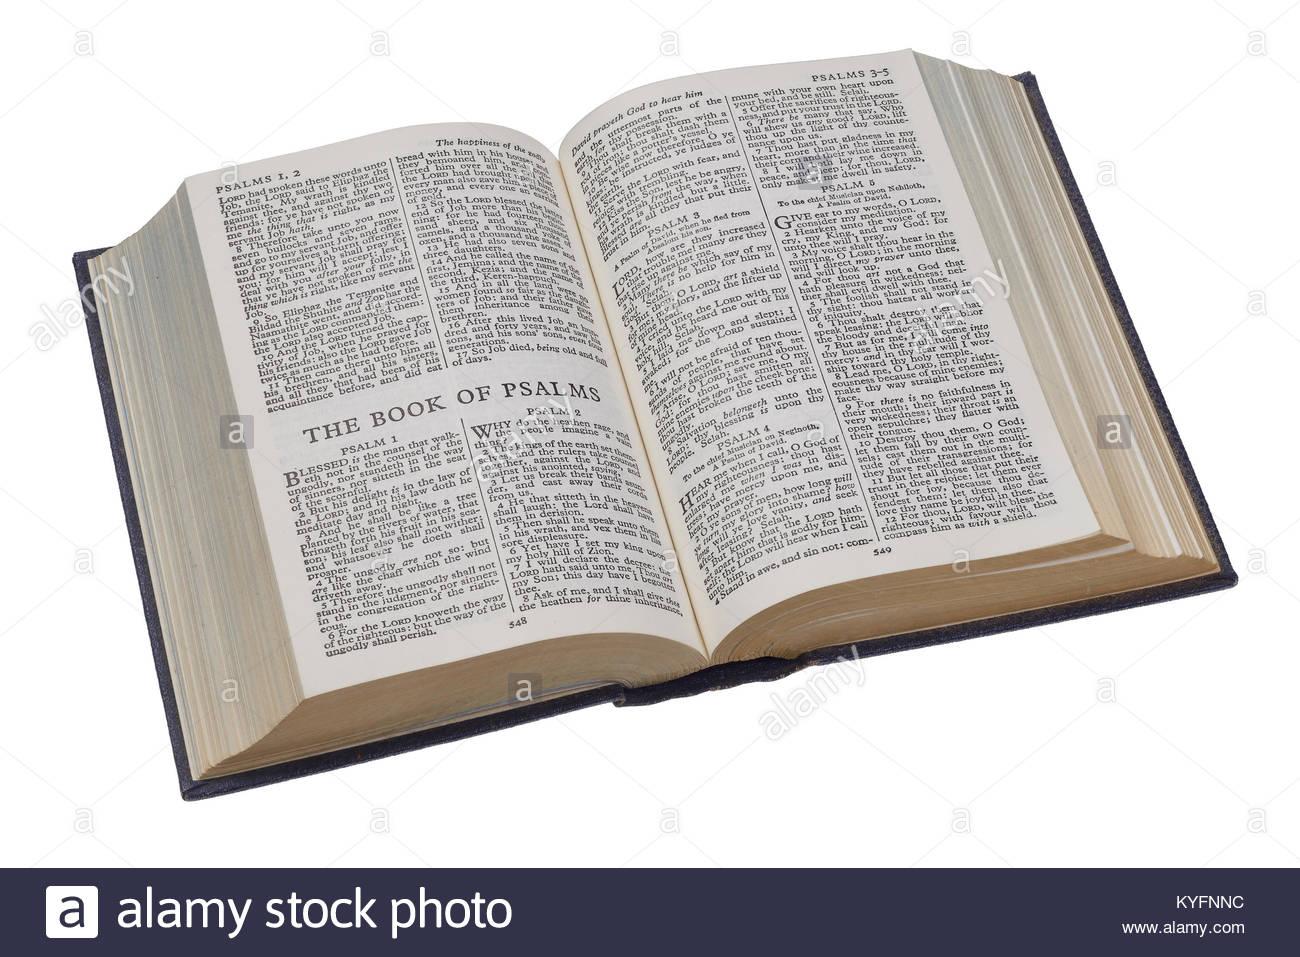 Una Tapa Dura Biblia Abierta En El Libro De Los Salmos Foto Imagen